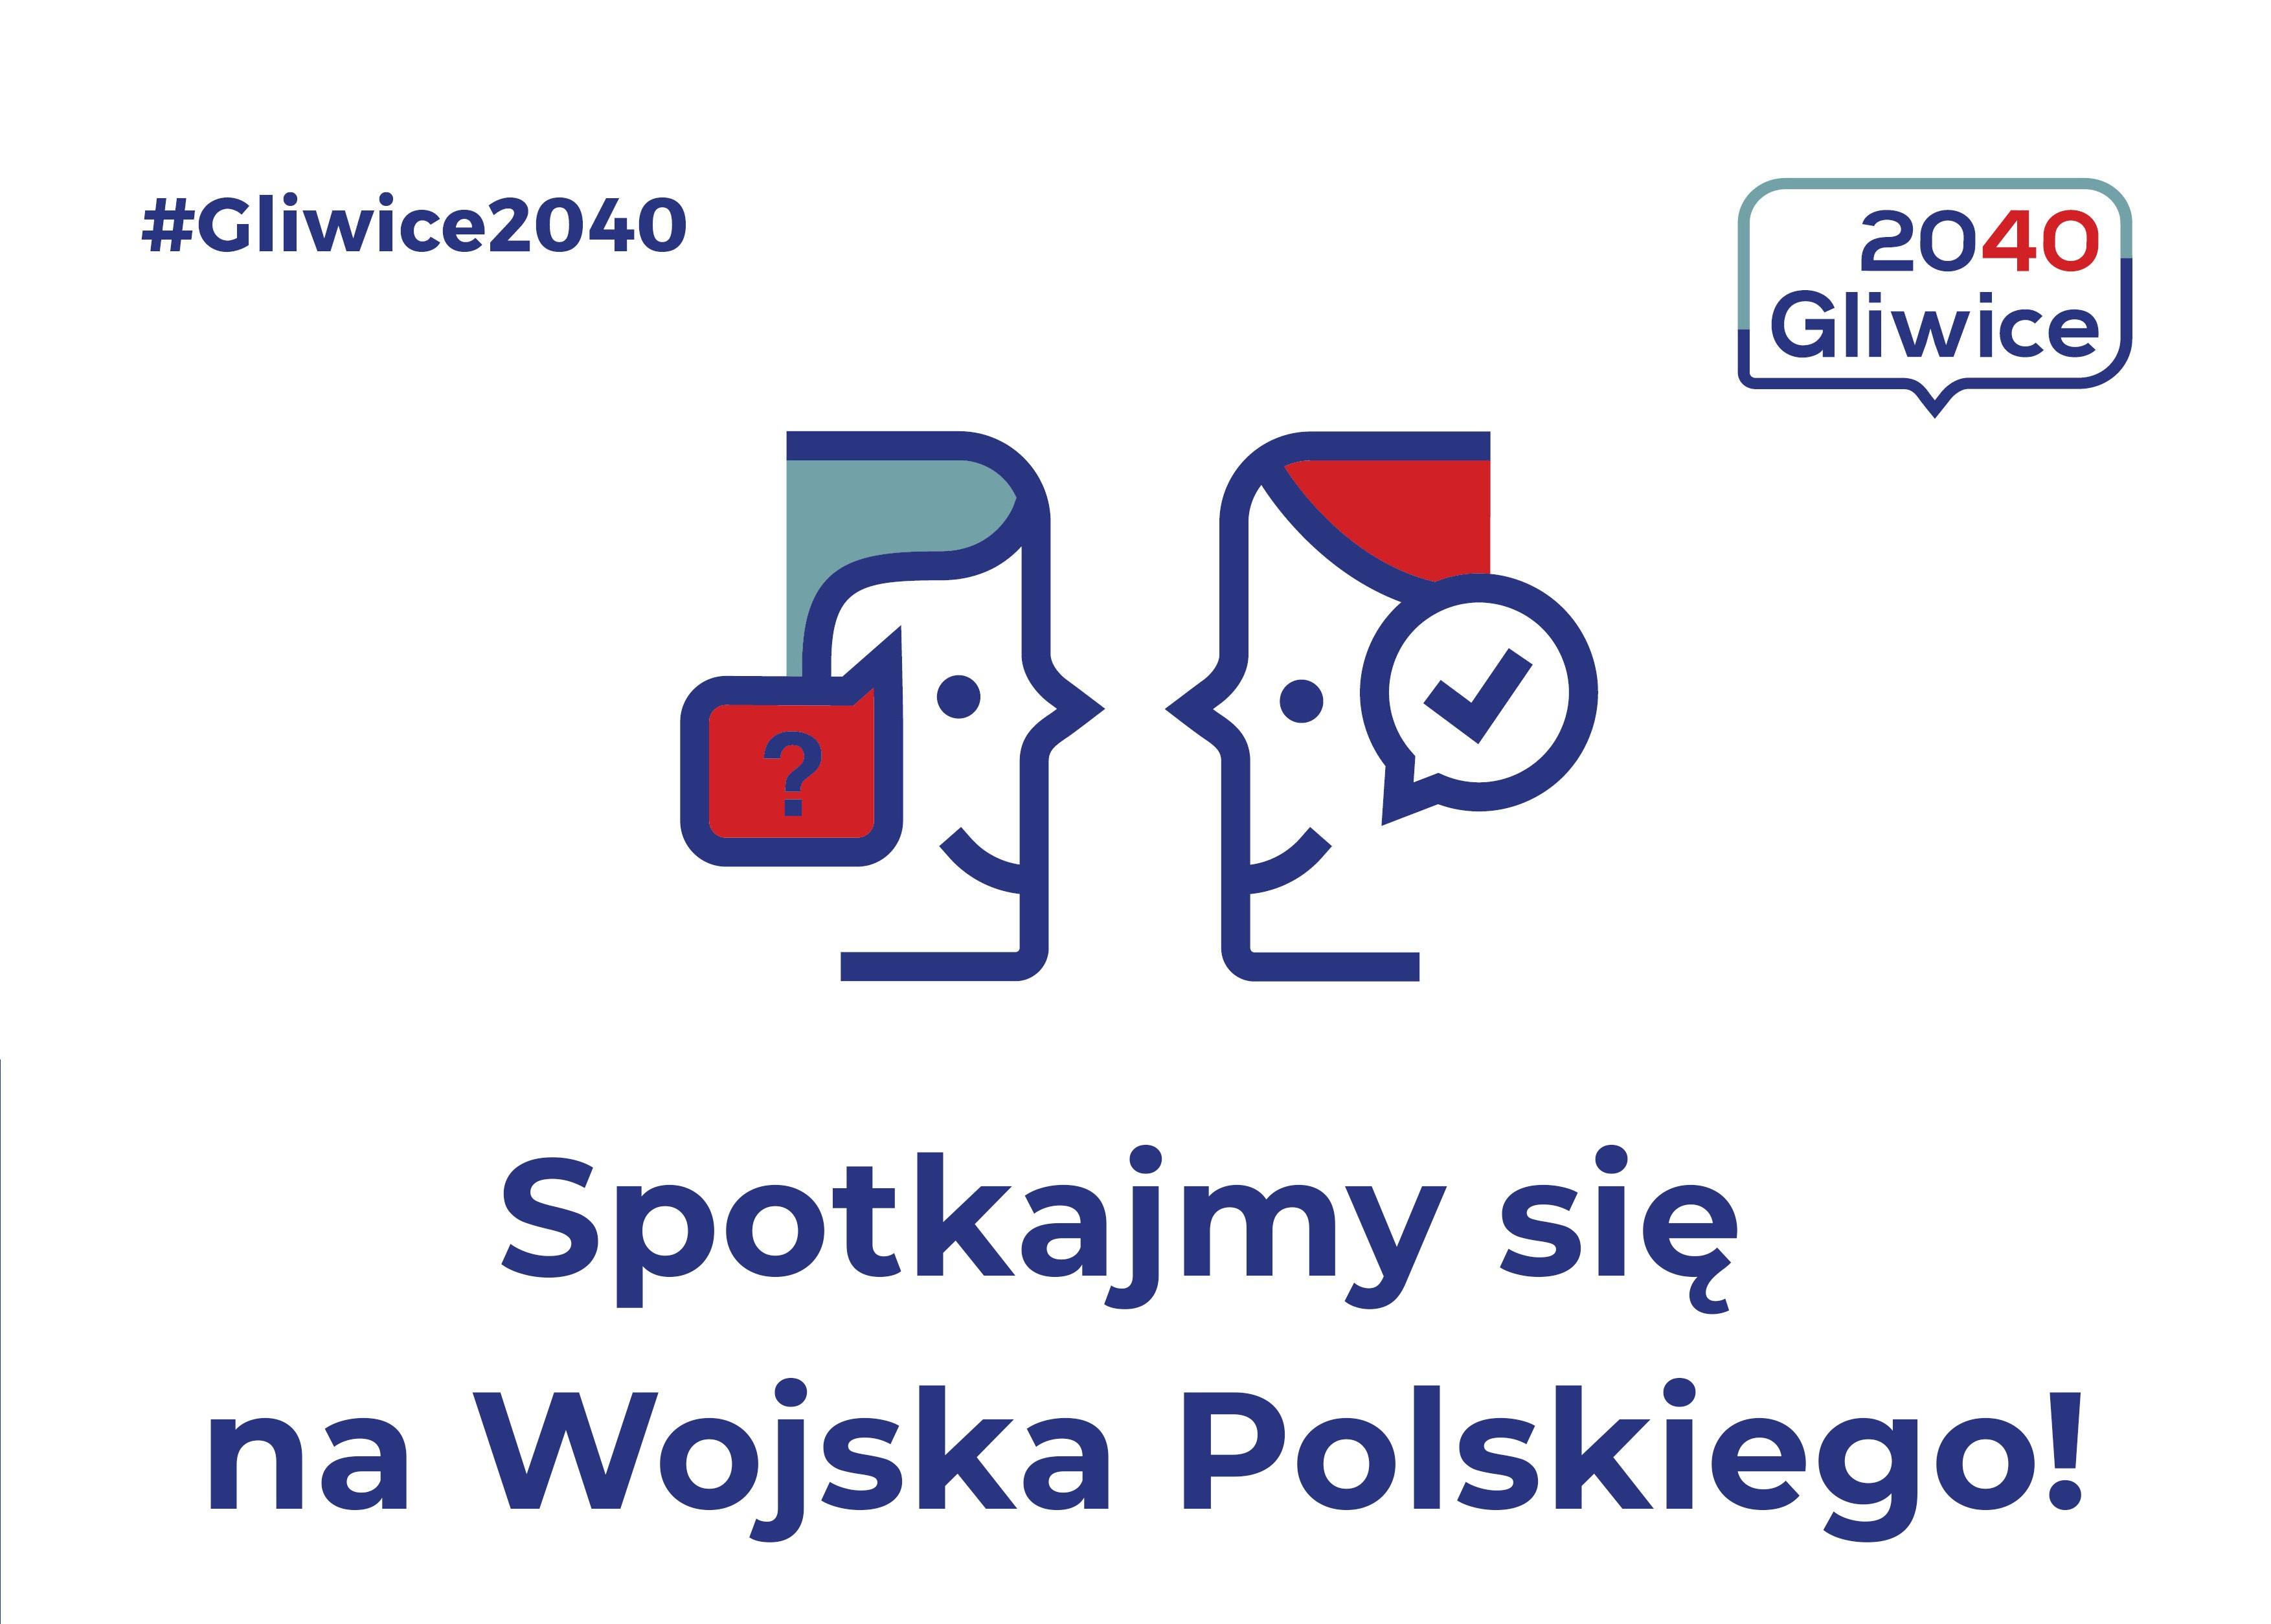 Wojska Polskiego baner